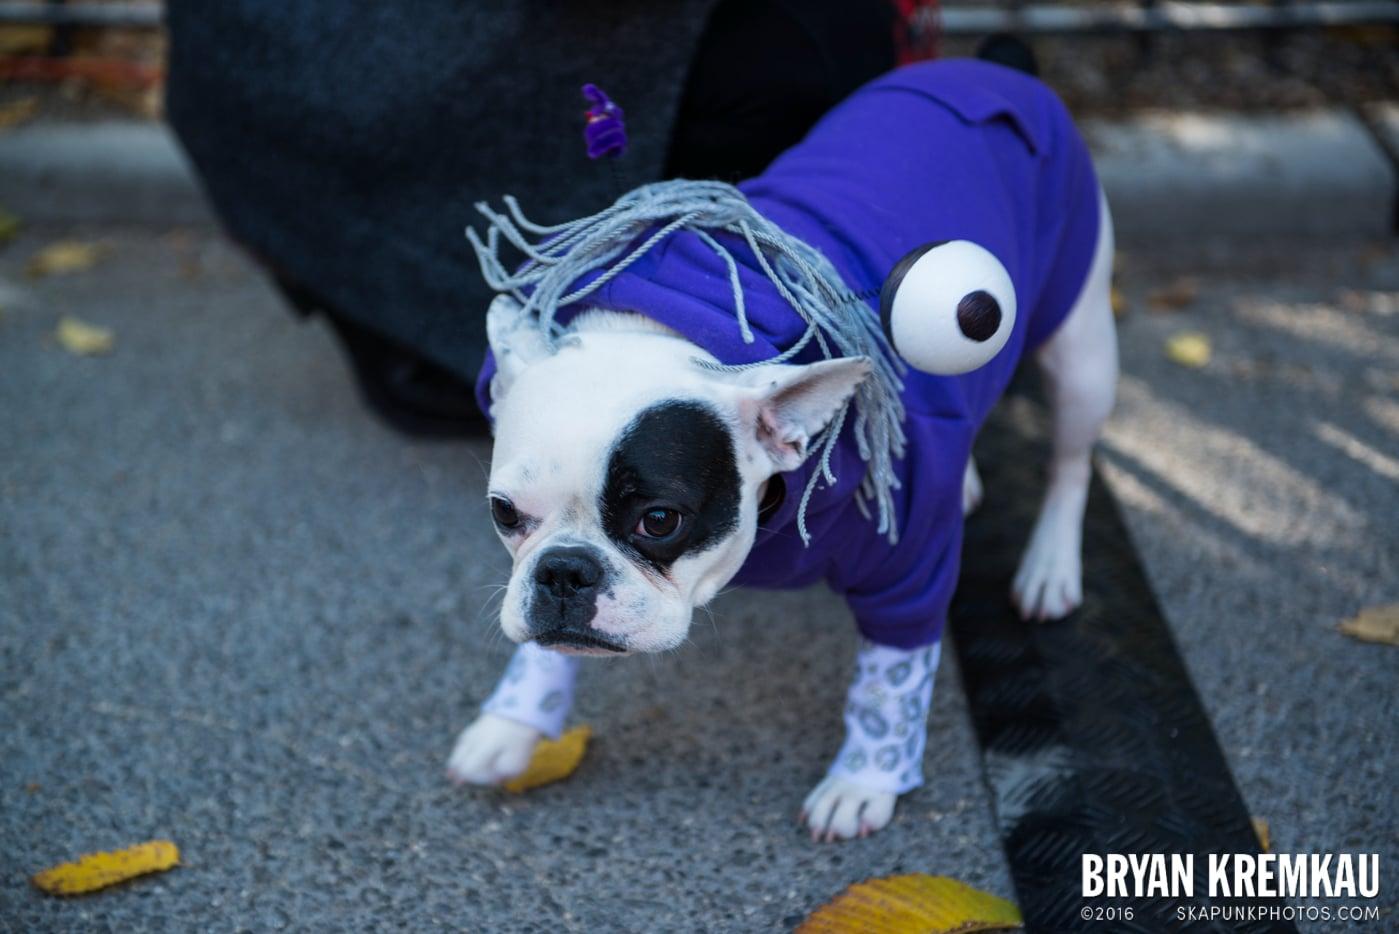 Tompkins Square Halloween Dog Parade 2013 @ Tompkins Square Park, NYC - 10.26.13 (59)